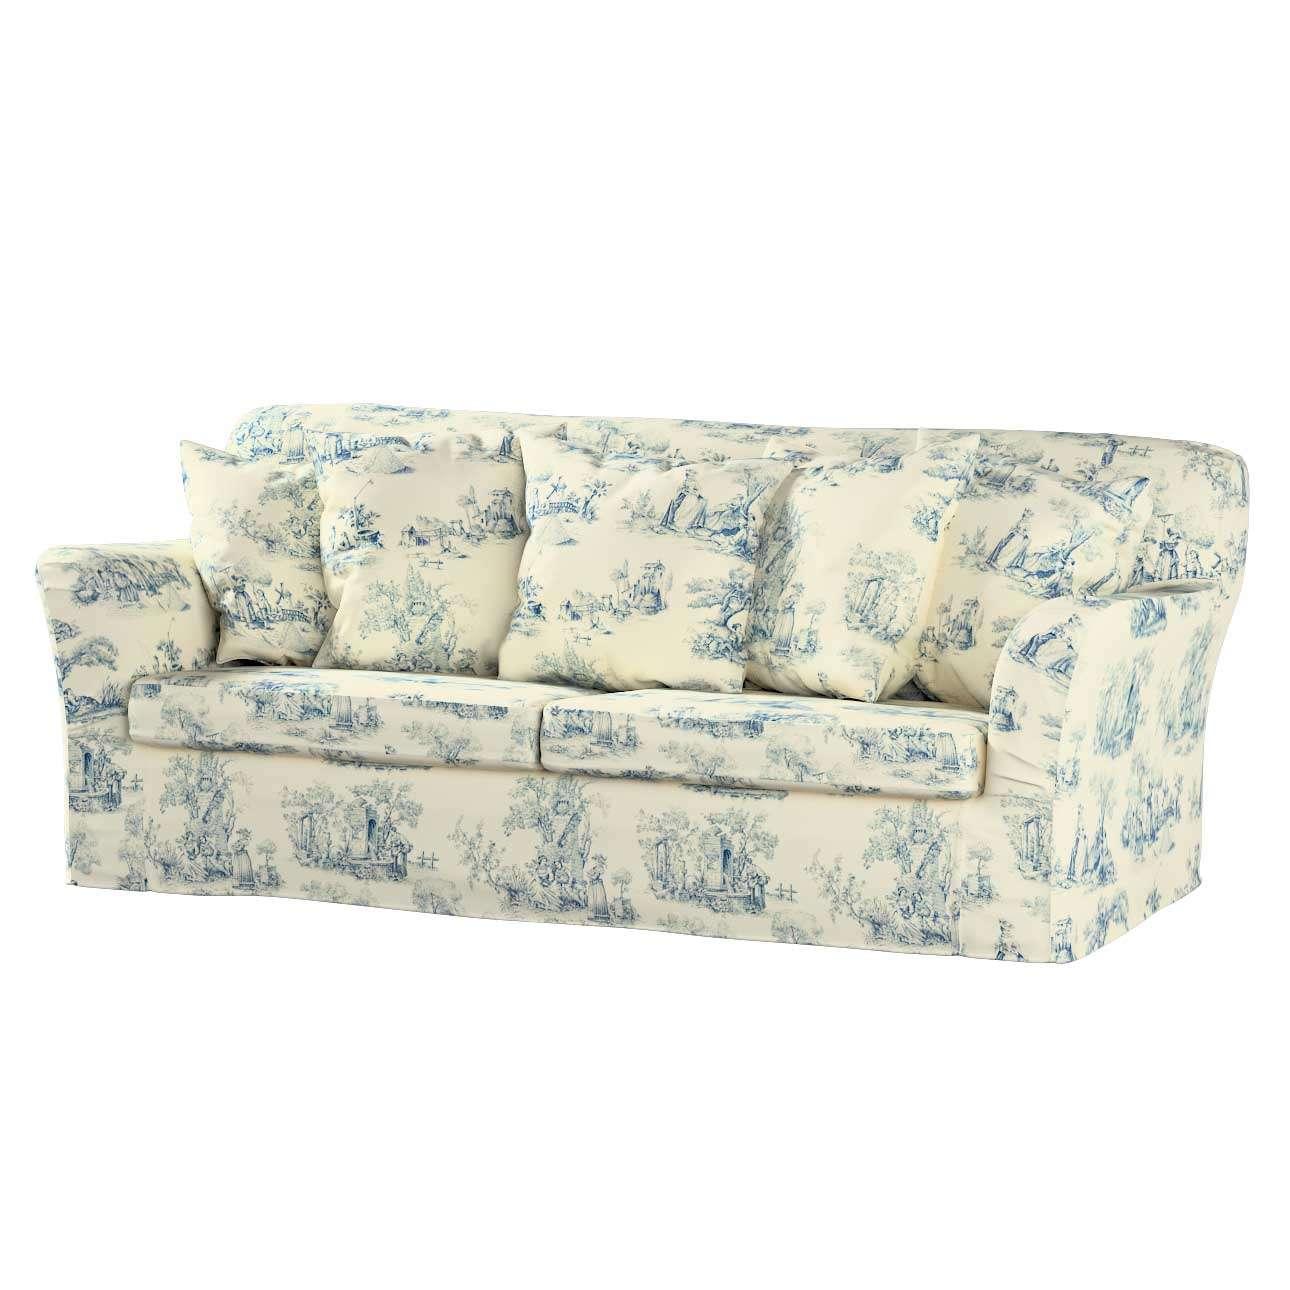 Tomelilla sofa bed cover in collection Avinon, fabric: 132-66